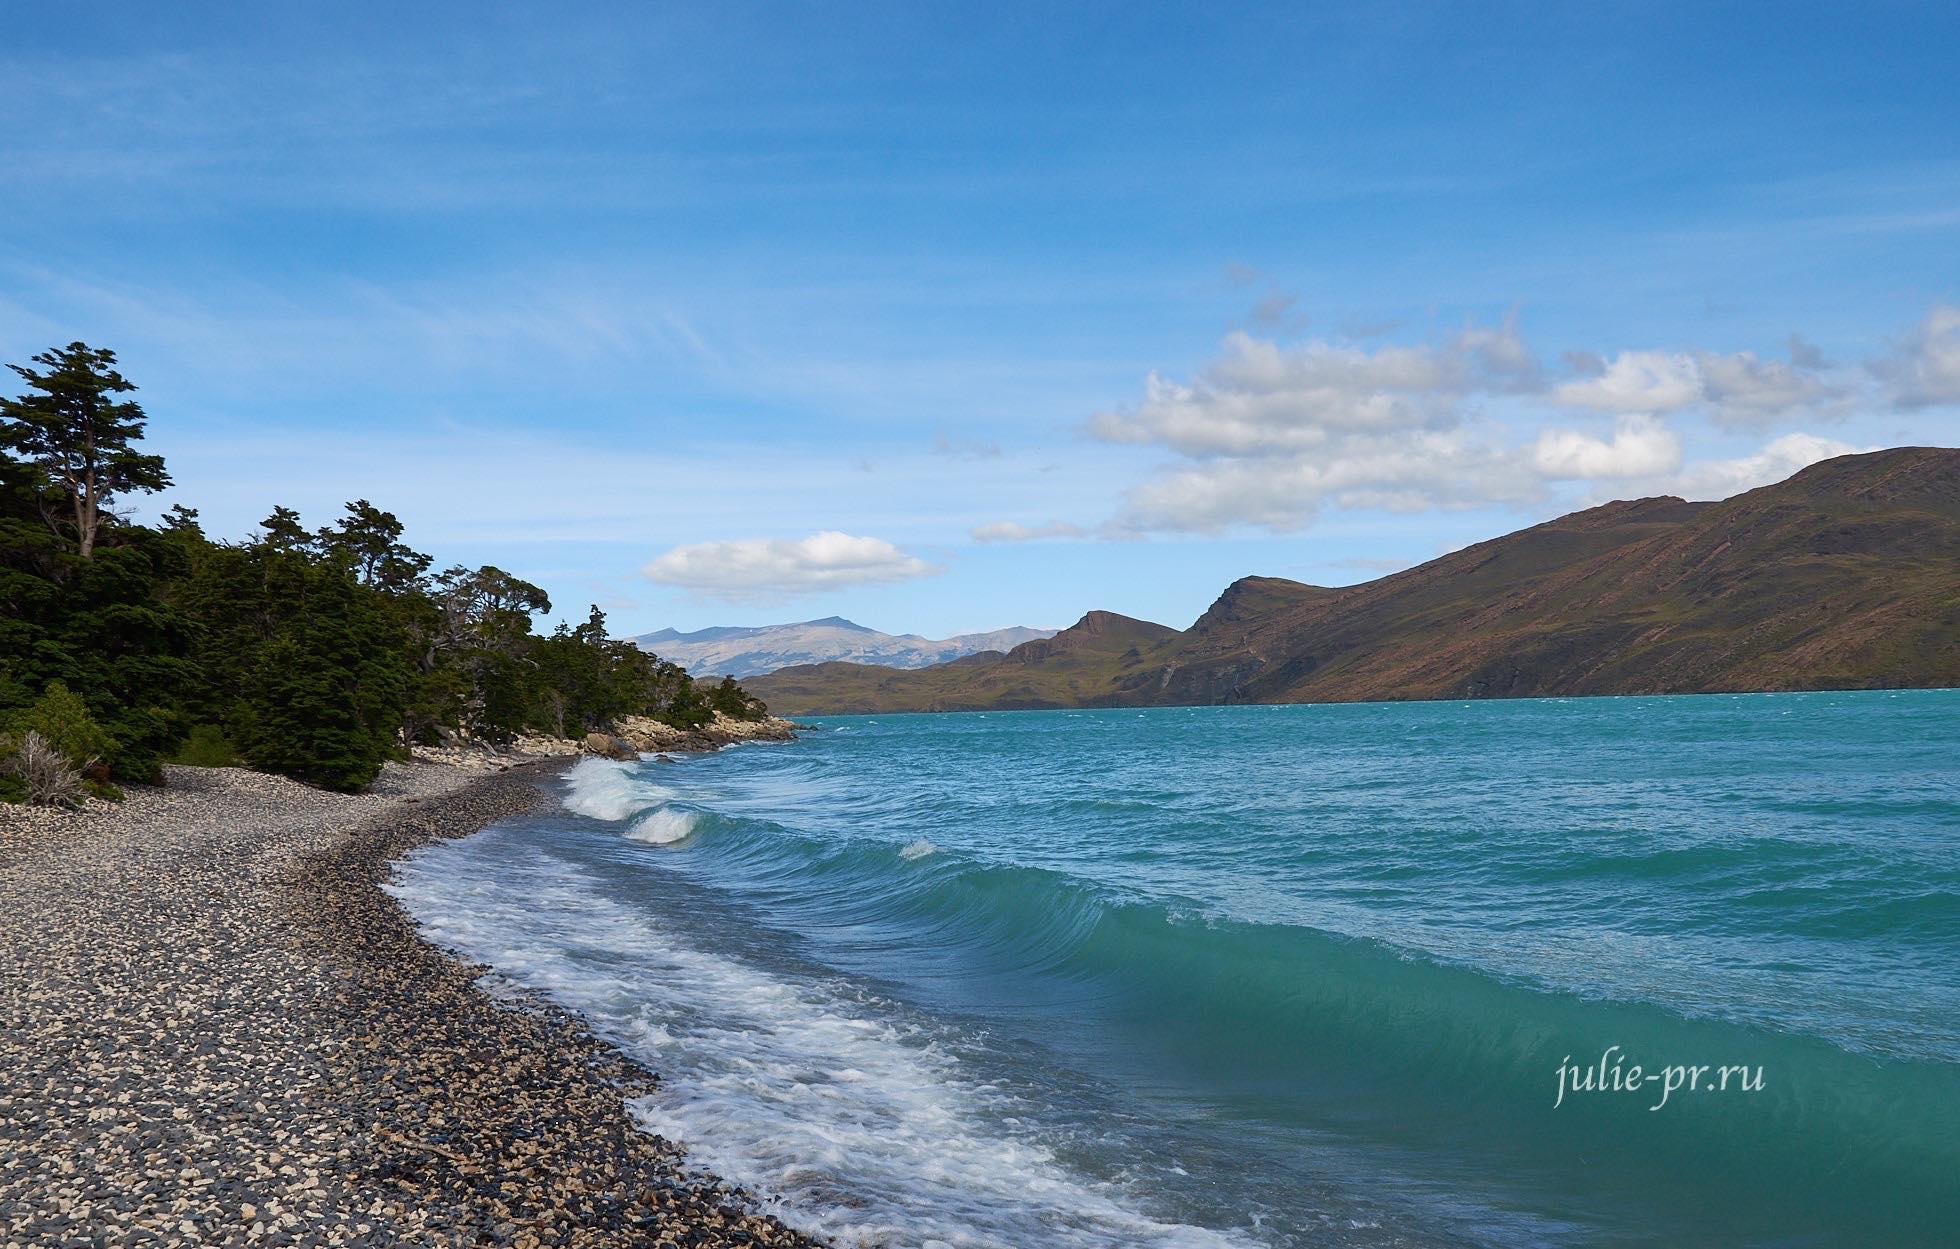 Чили, Патагония, Торрес-дель-Пайне, Озеро Норденшельд, Lago Nordenskjöld